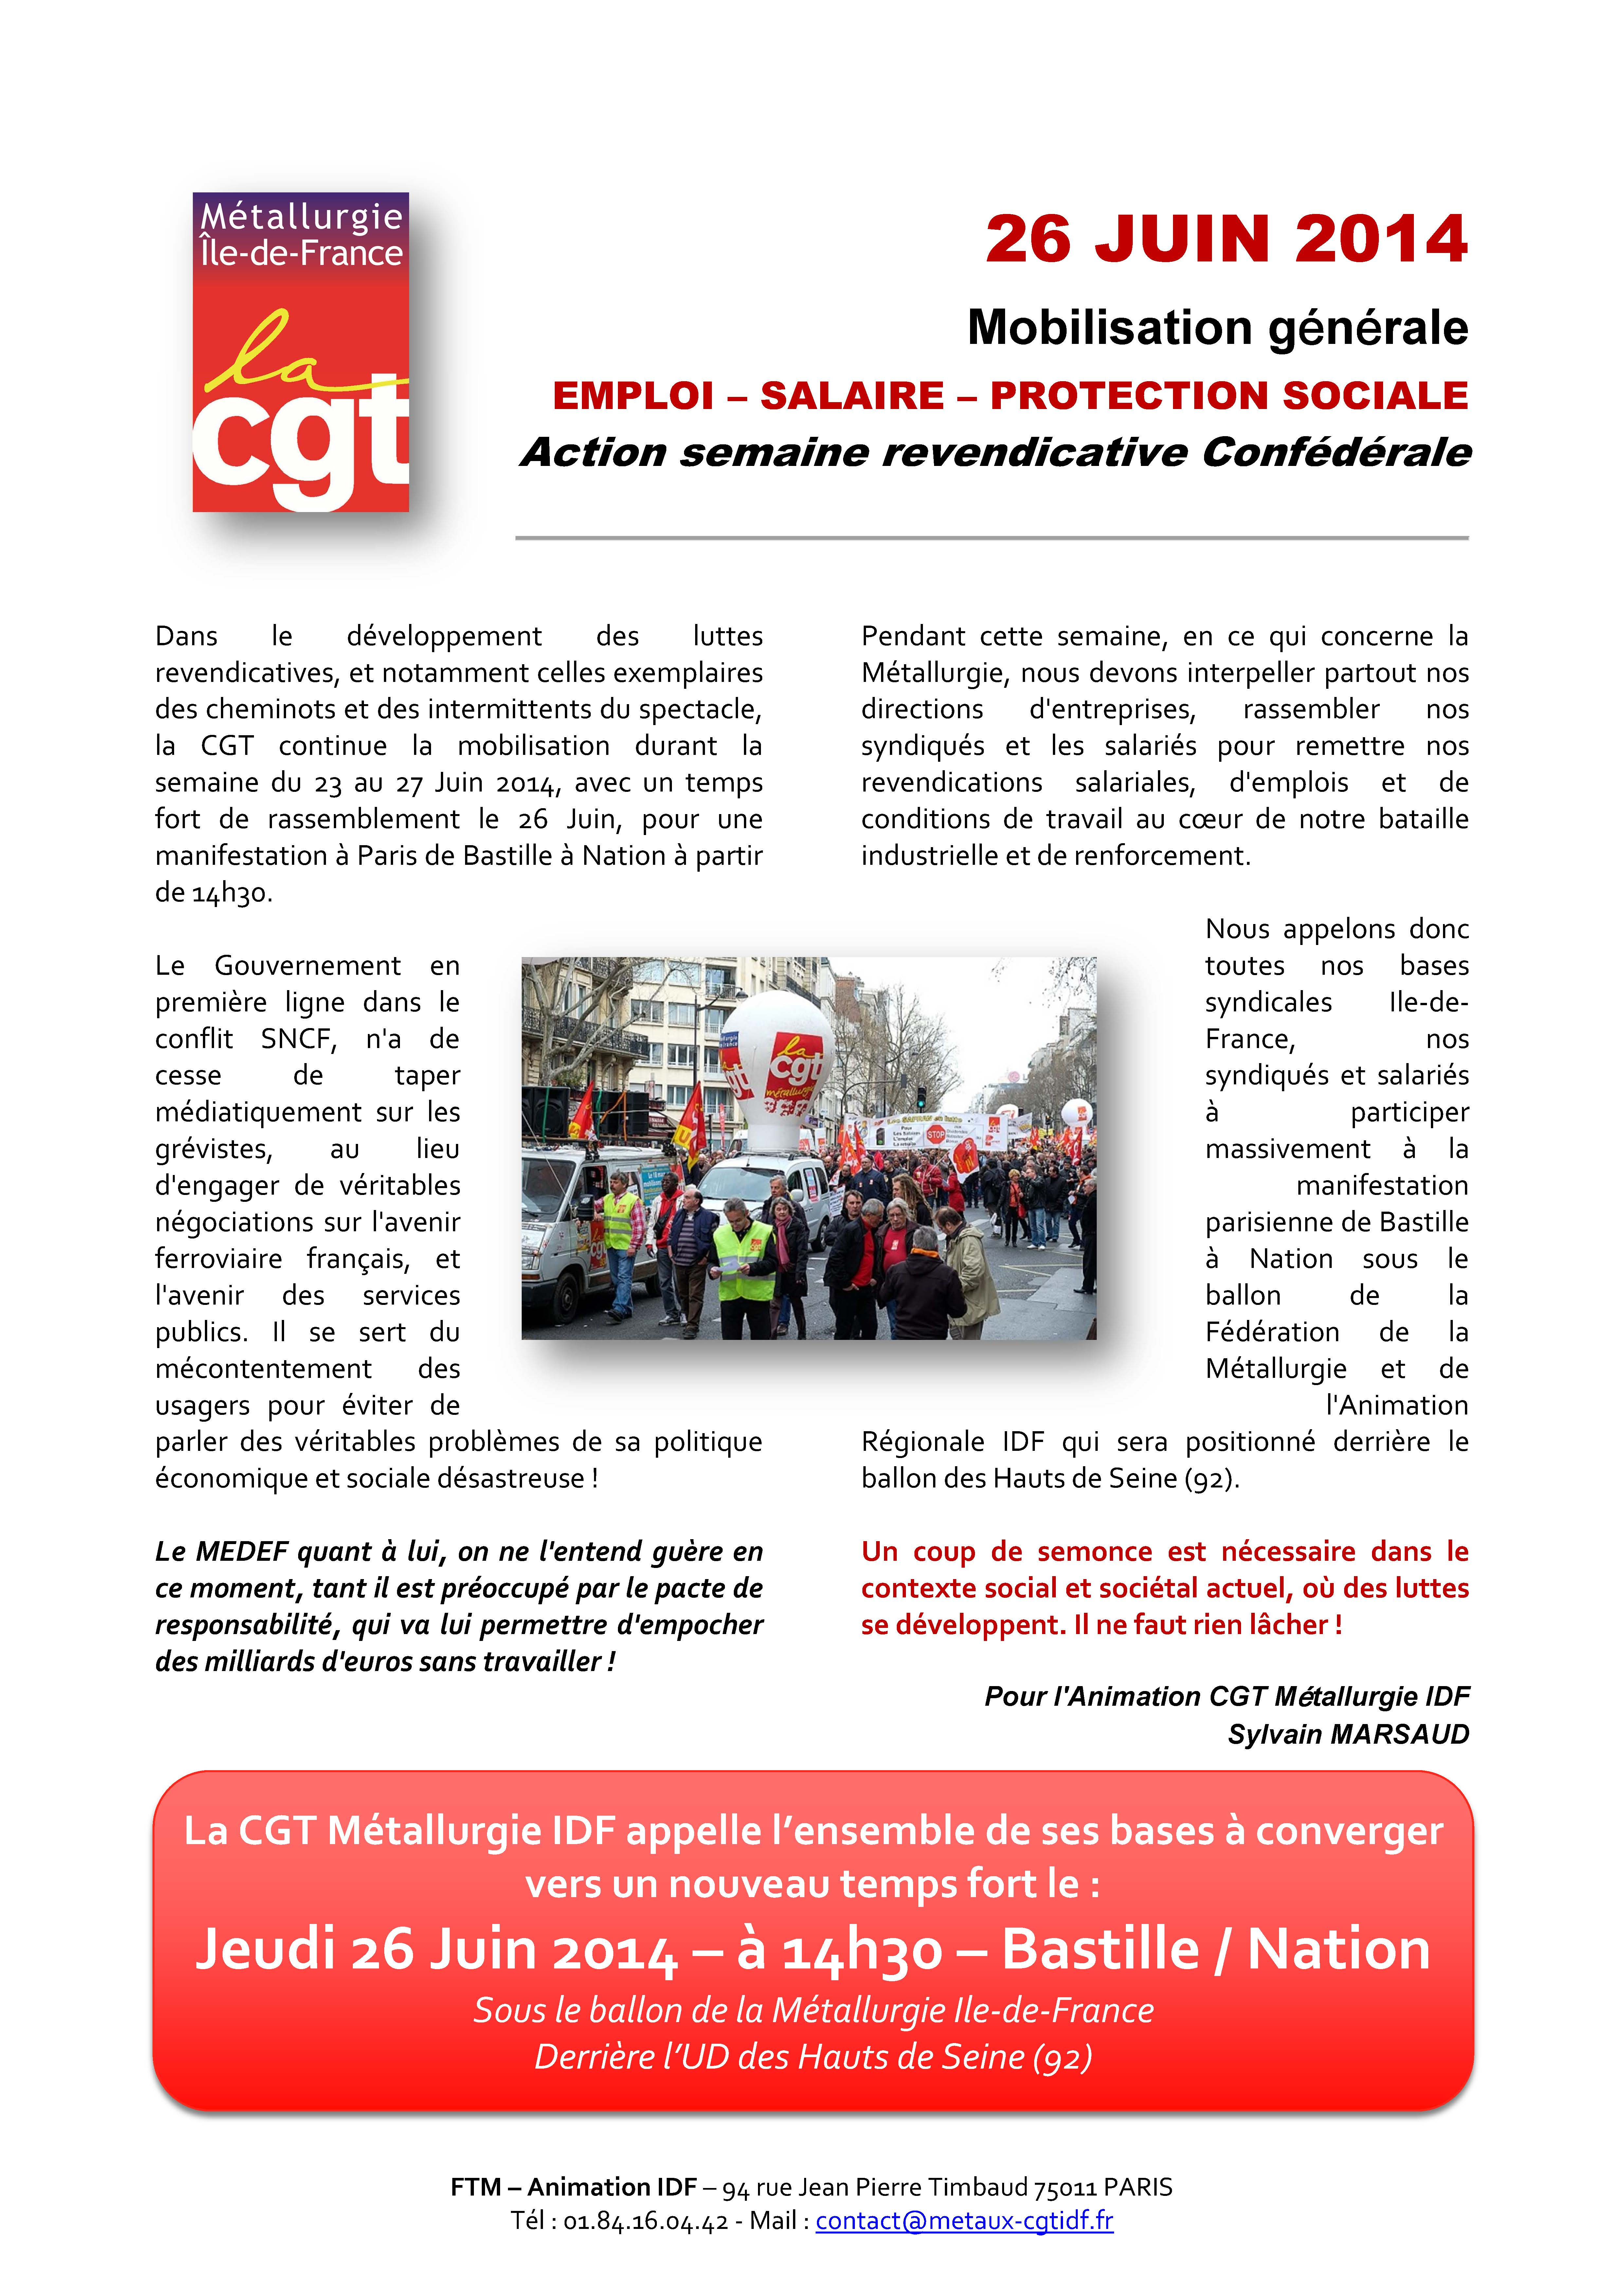 Mobilisation Générale du 26 Juin 2014